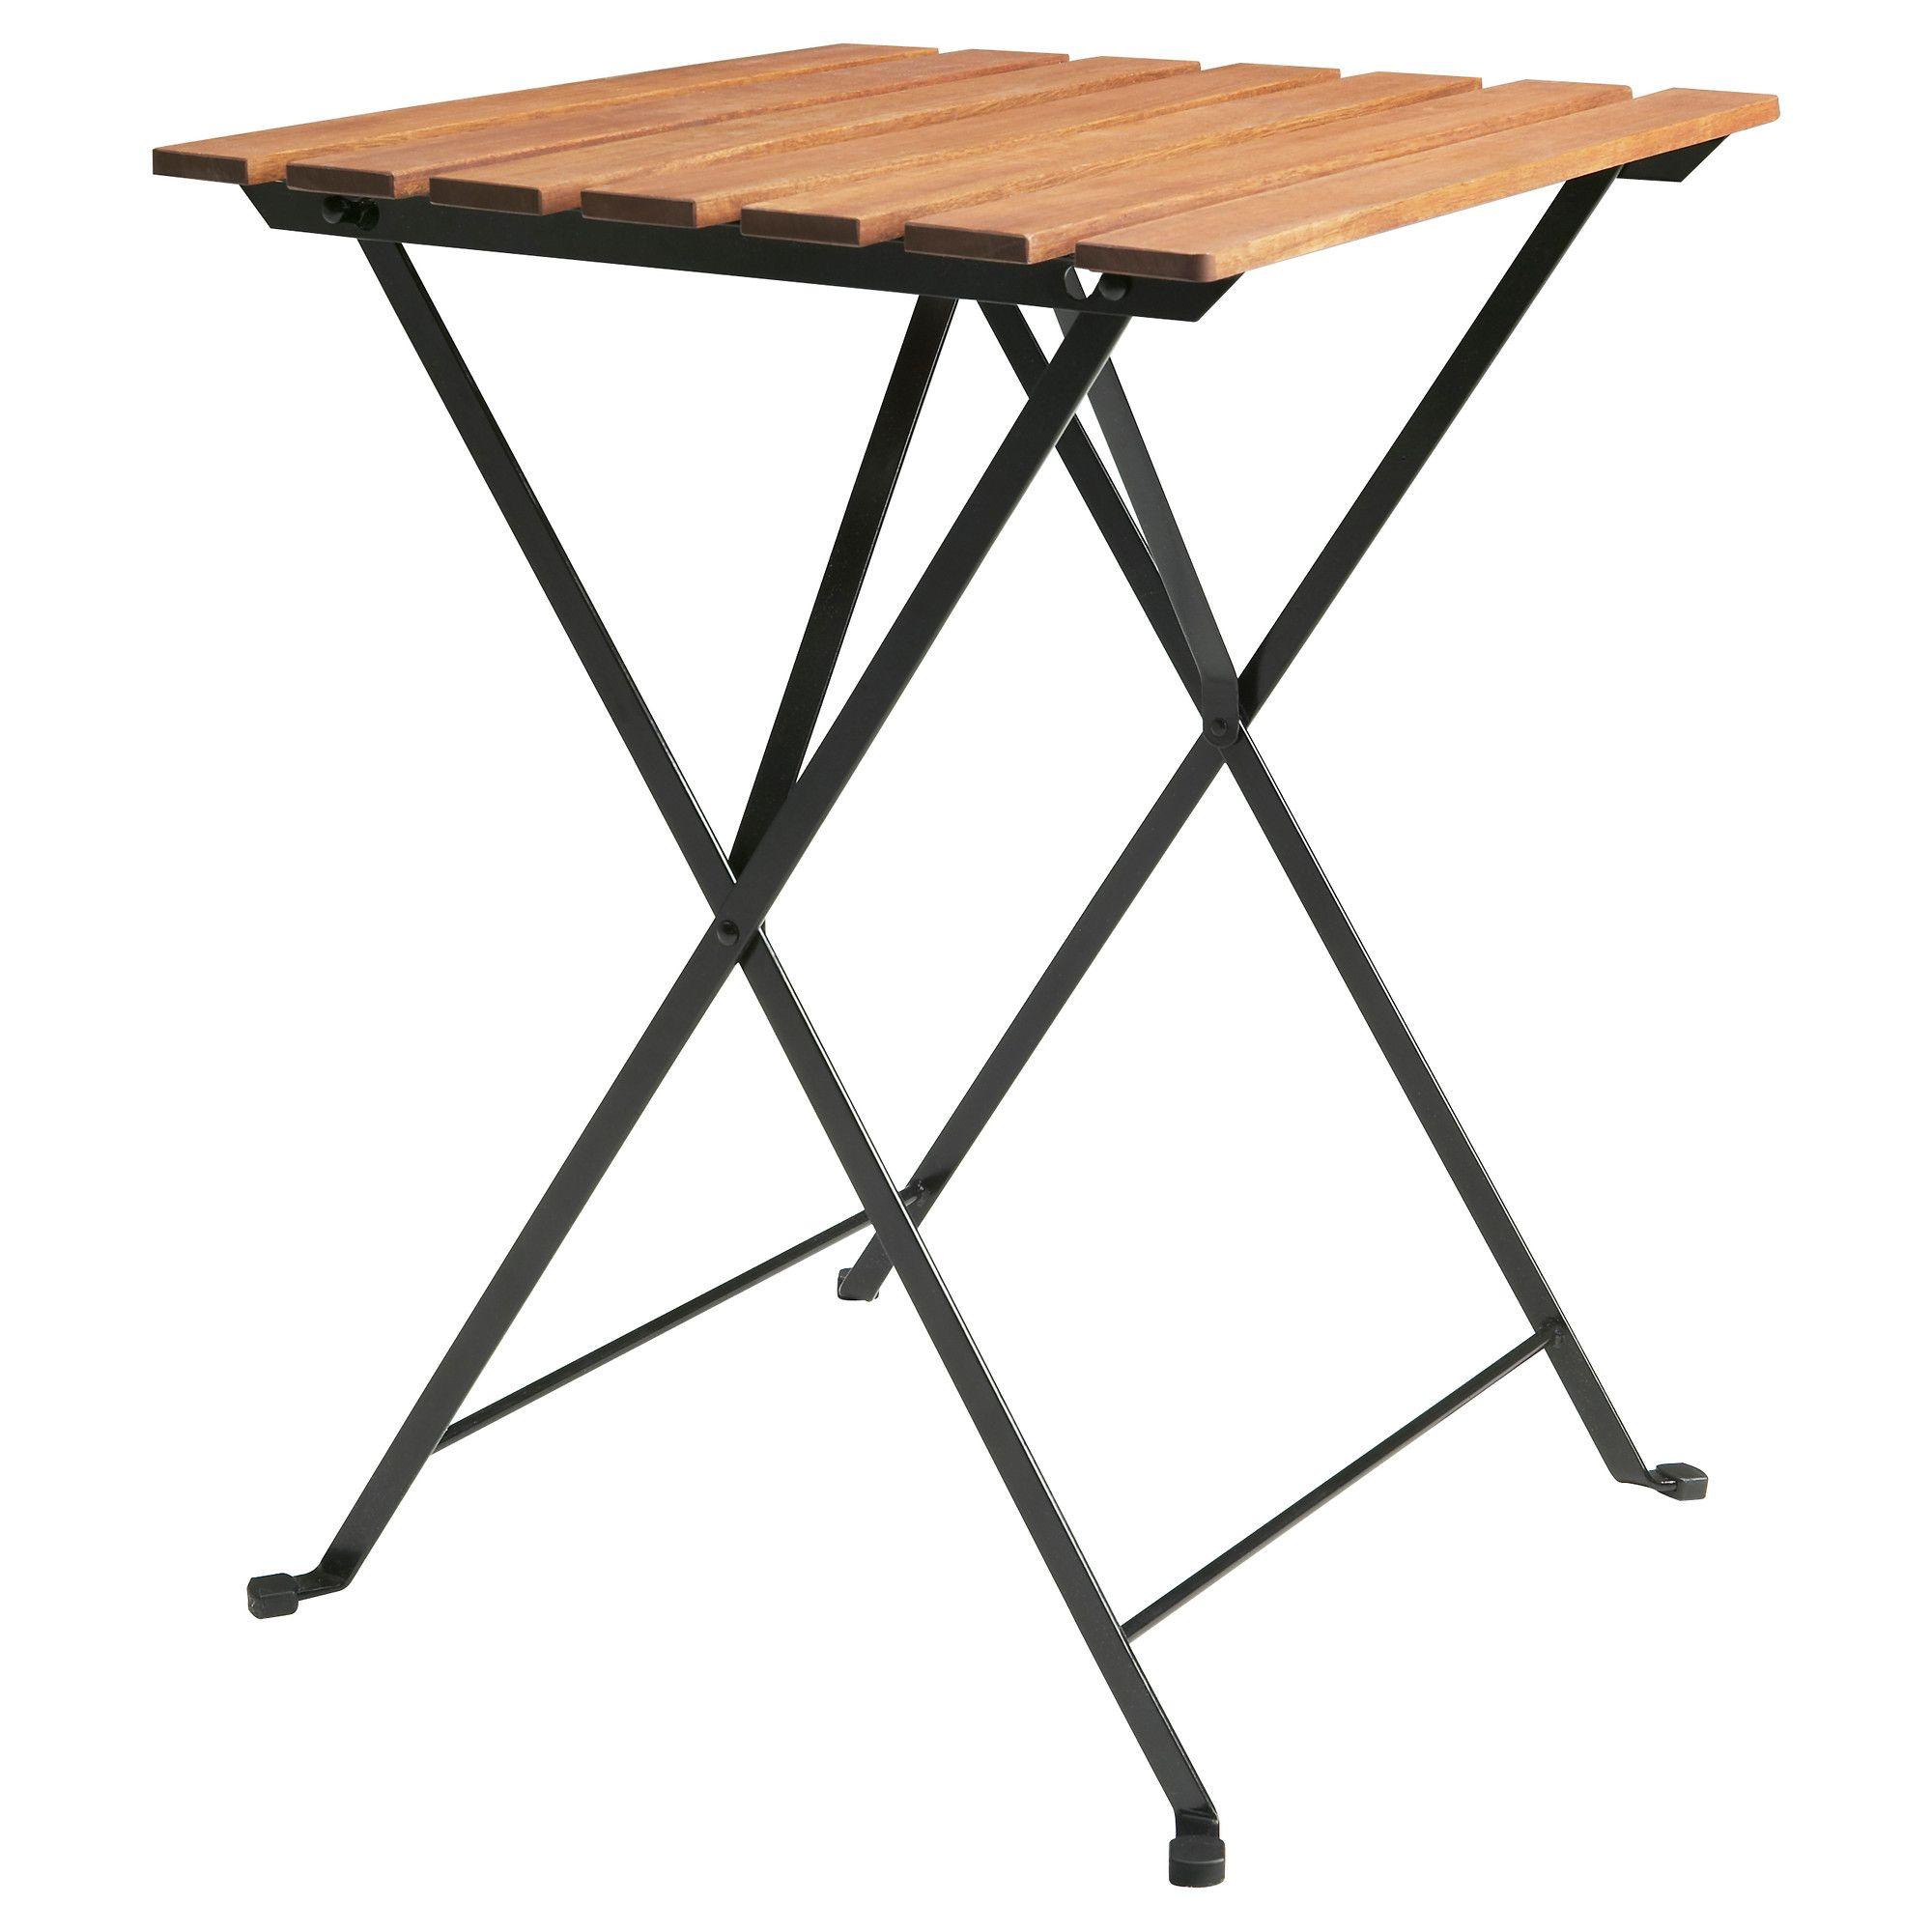 Klapptisch ikea  TÄRNÖ Tisch/außen, schwarz Akazie, graubraun lasiert Stahl ...